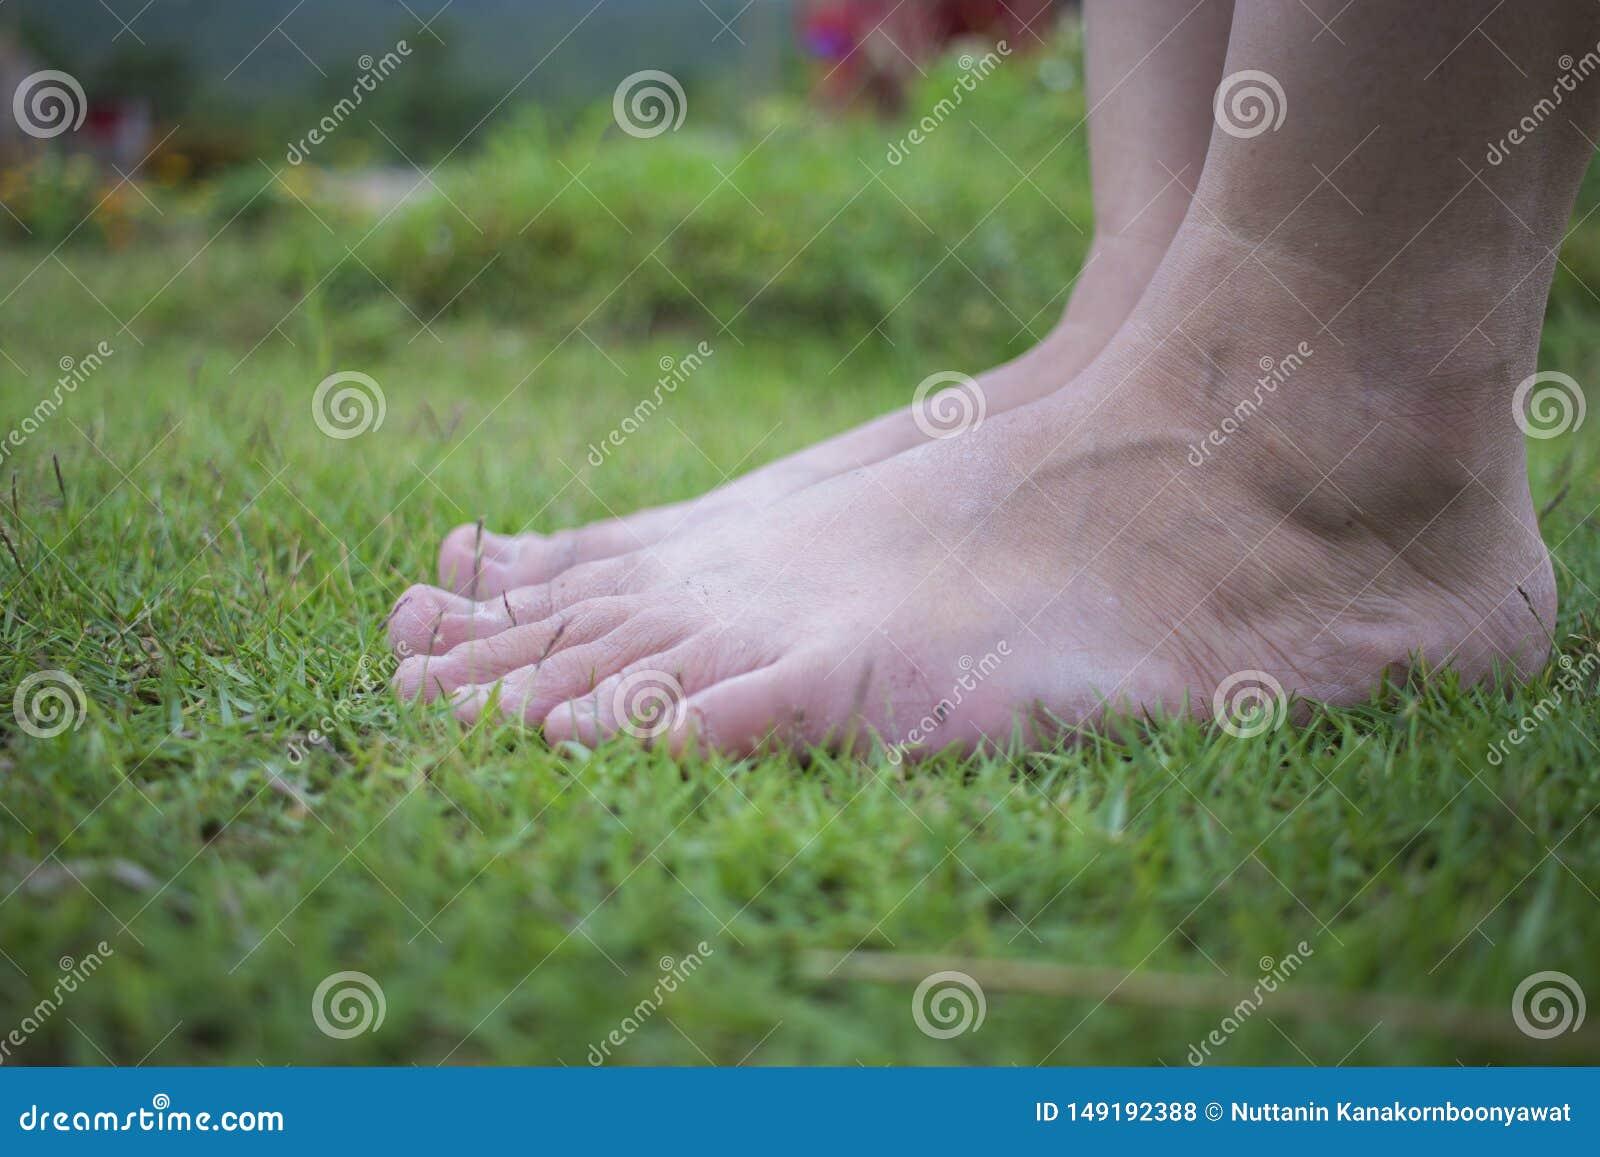 La marche aux pieds nus de la jeune femme sur l herbe fra?che et verte en ?t? ensoleill? pendant le matin Moment reposant Style d